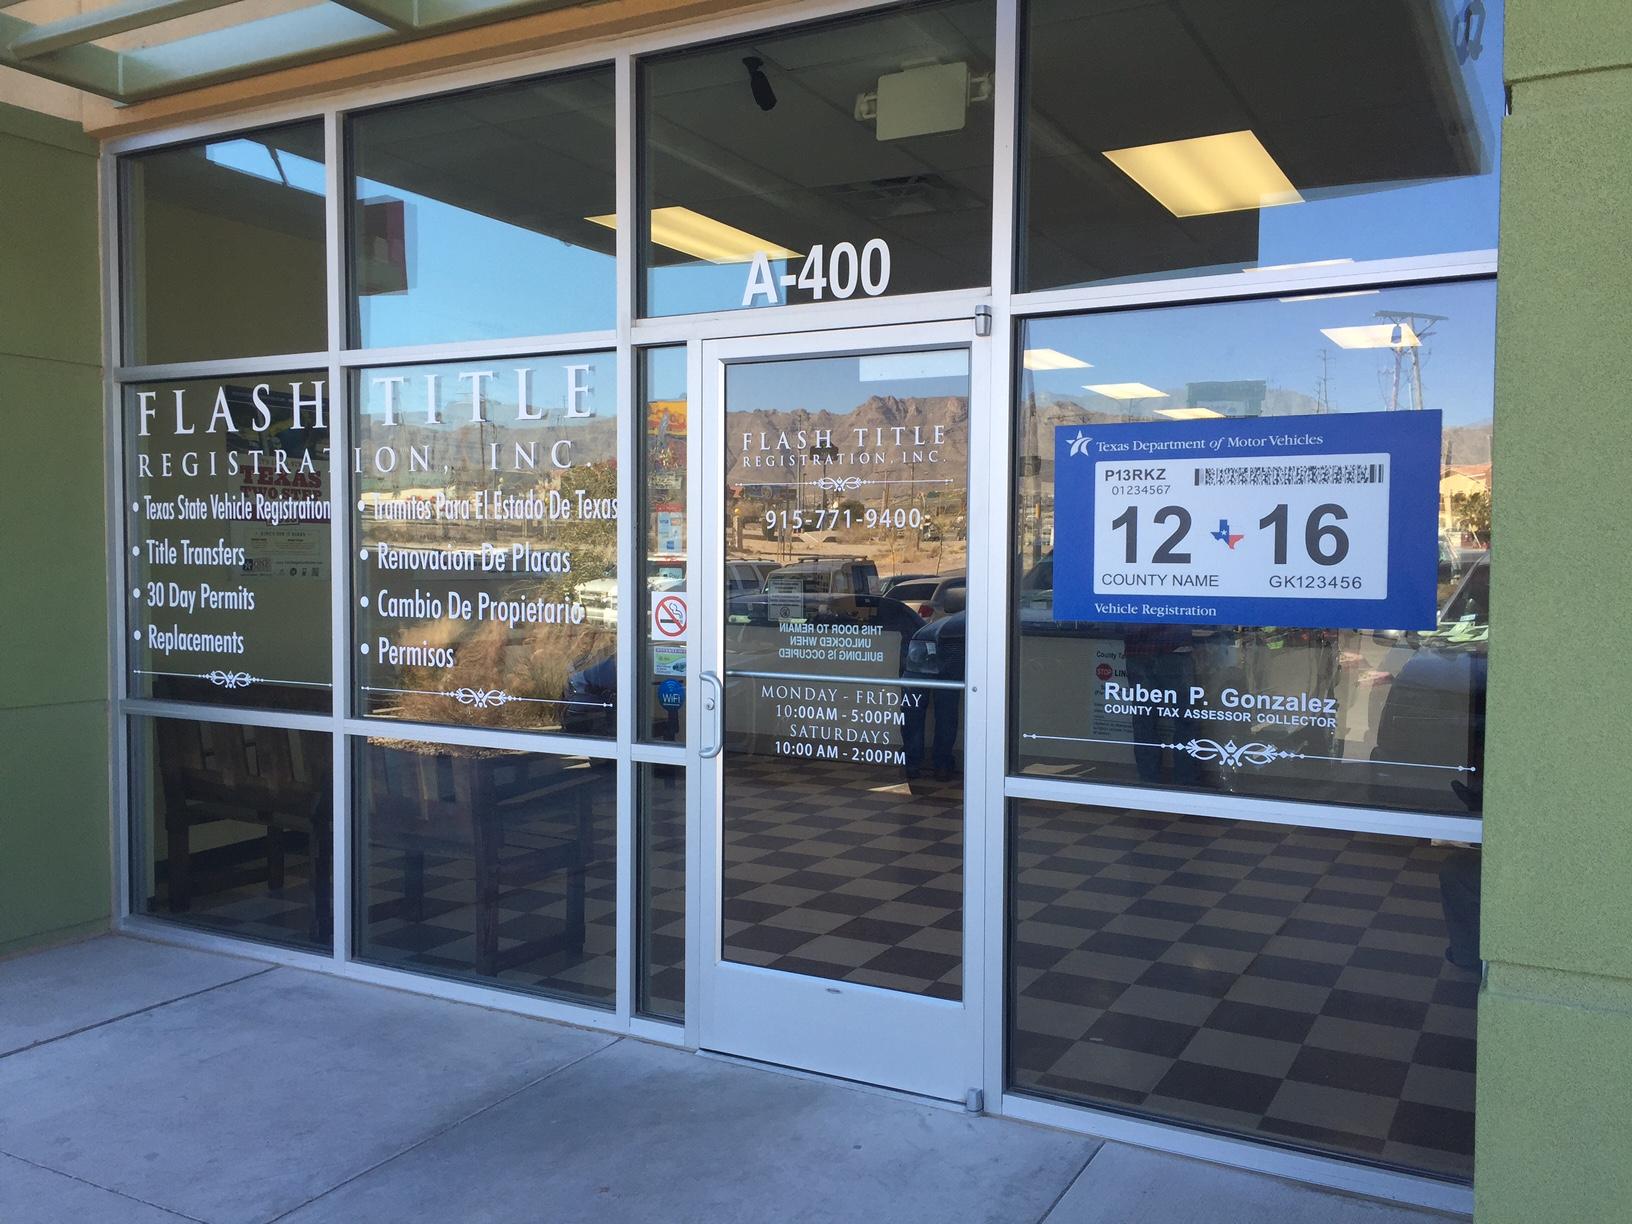 Flash Title Registration Inc 1050 Sunland Park Dr El